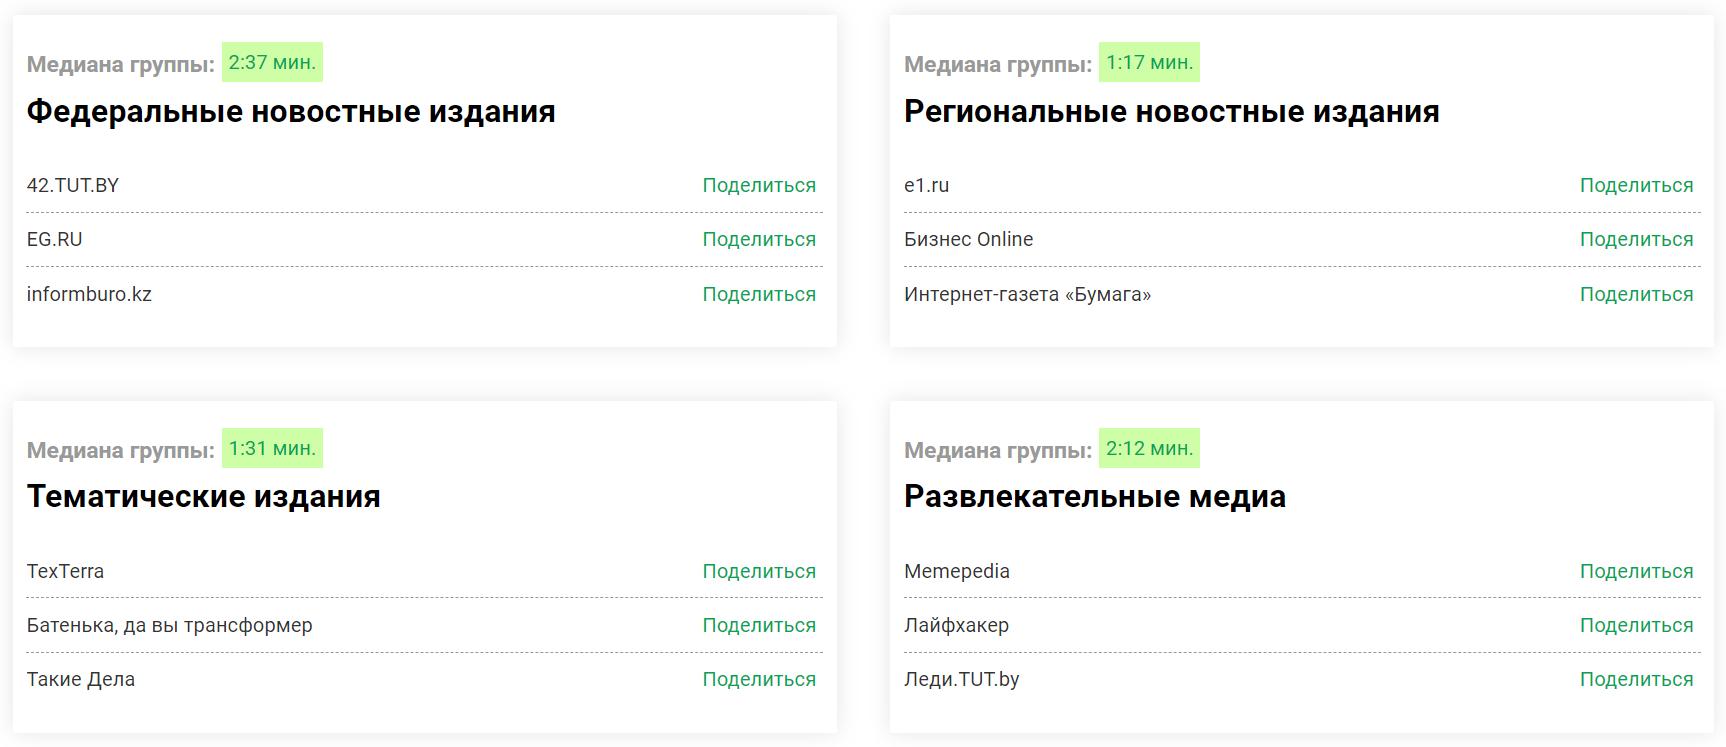 """Memepedia стала самым читаемым интернет-СМИ по версии """"Медиатора"""". Дважды"""